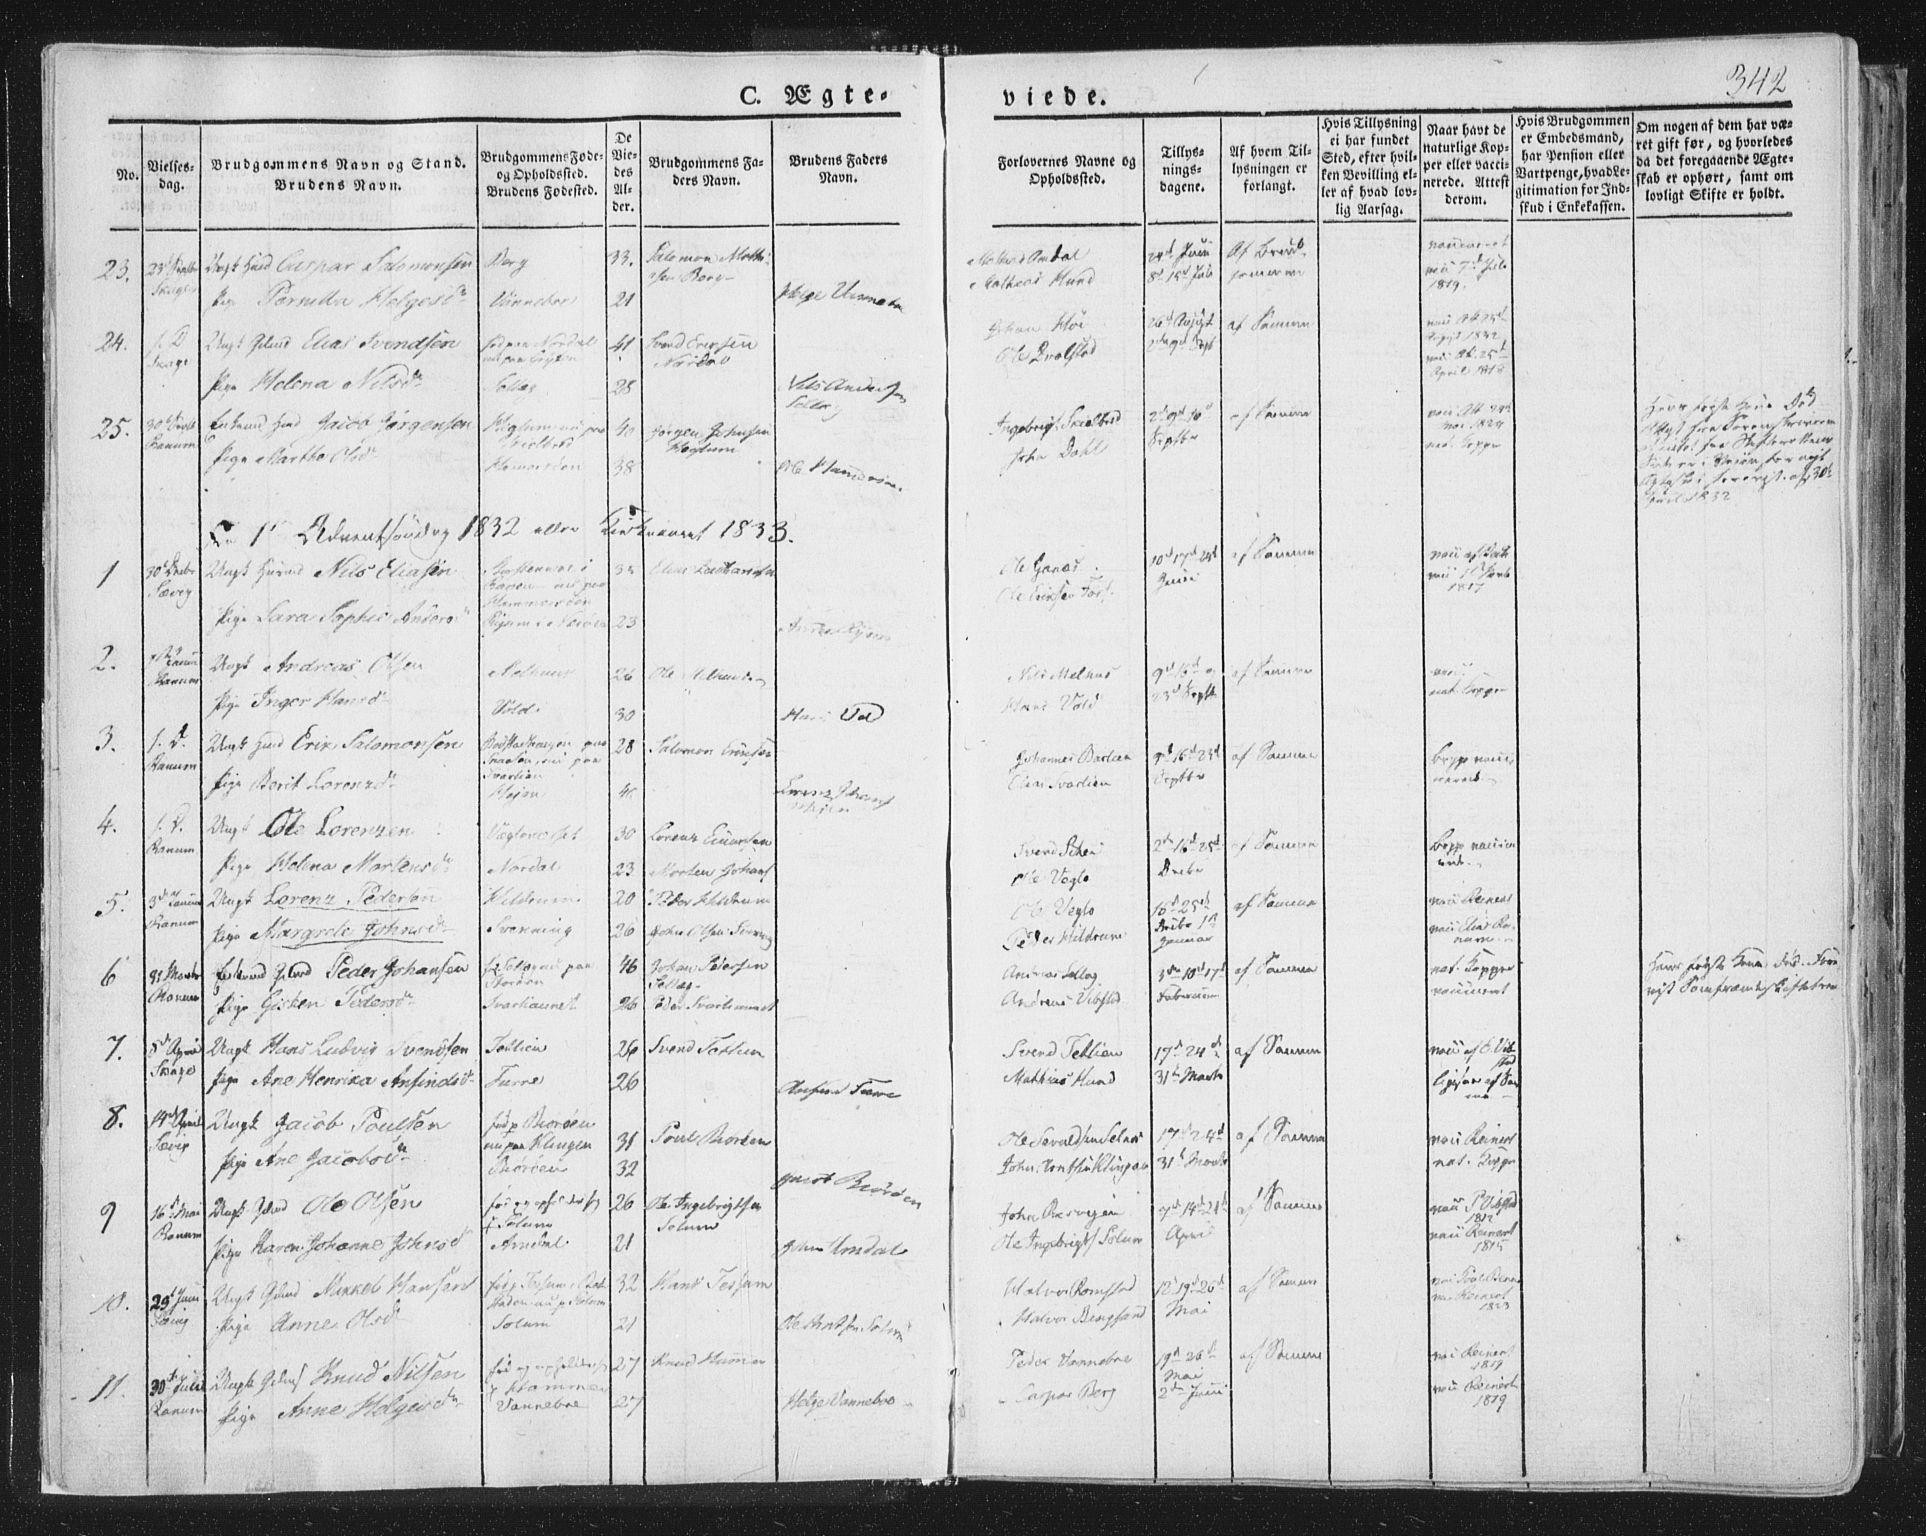 SAT, Ministerialprotokoller, klokkerbøker og fødselsregistre - Nord-Trøndelag, 764/L0552: Ministerialbok nr. 764A07b, 1824-1865, s. 342